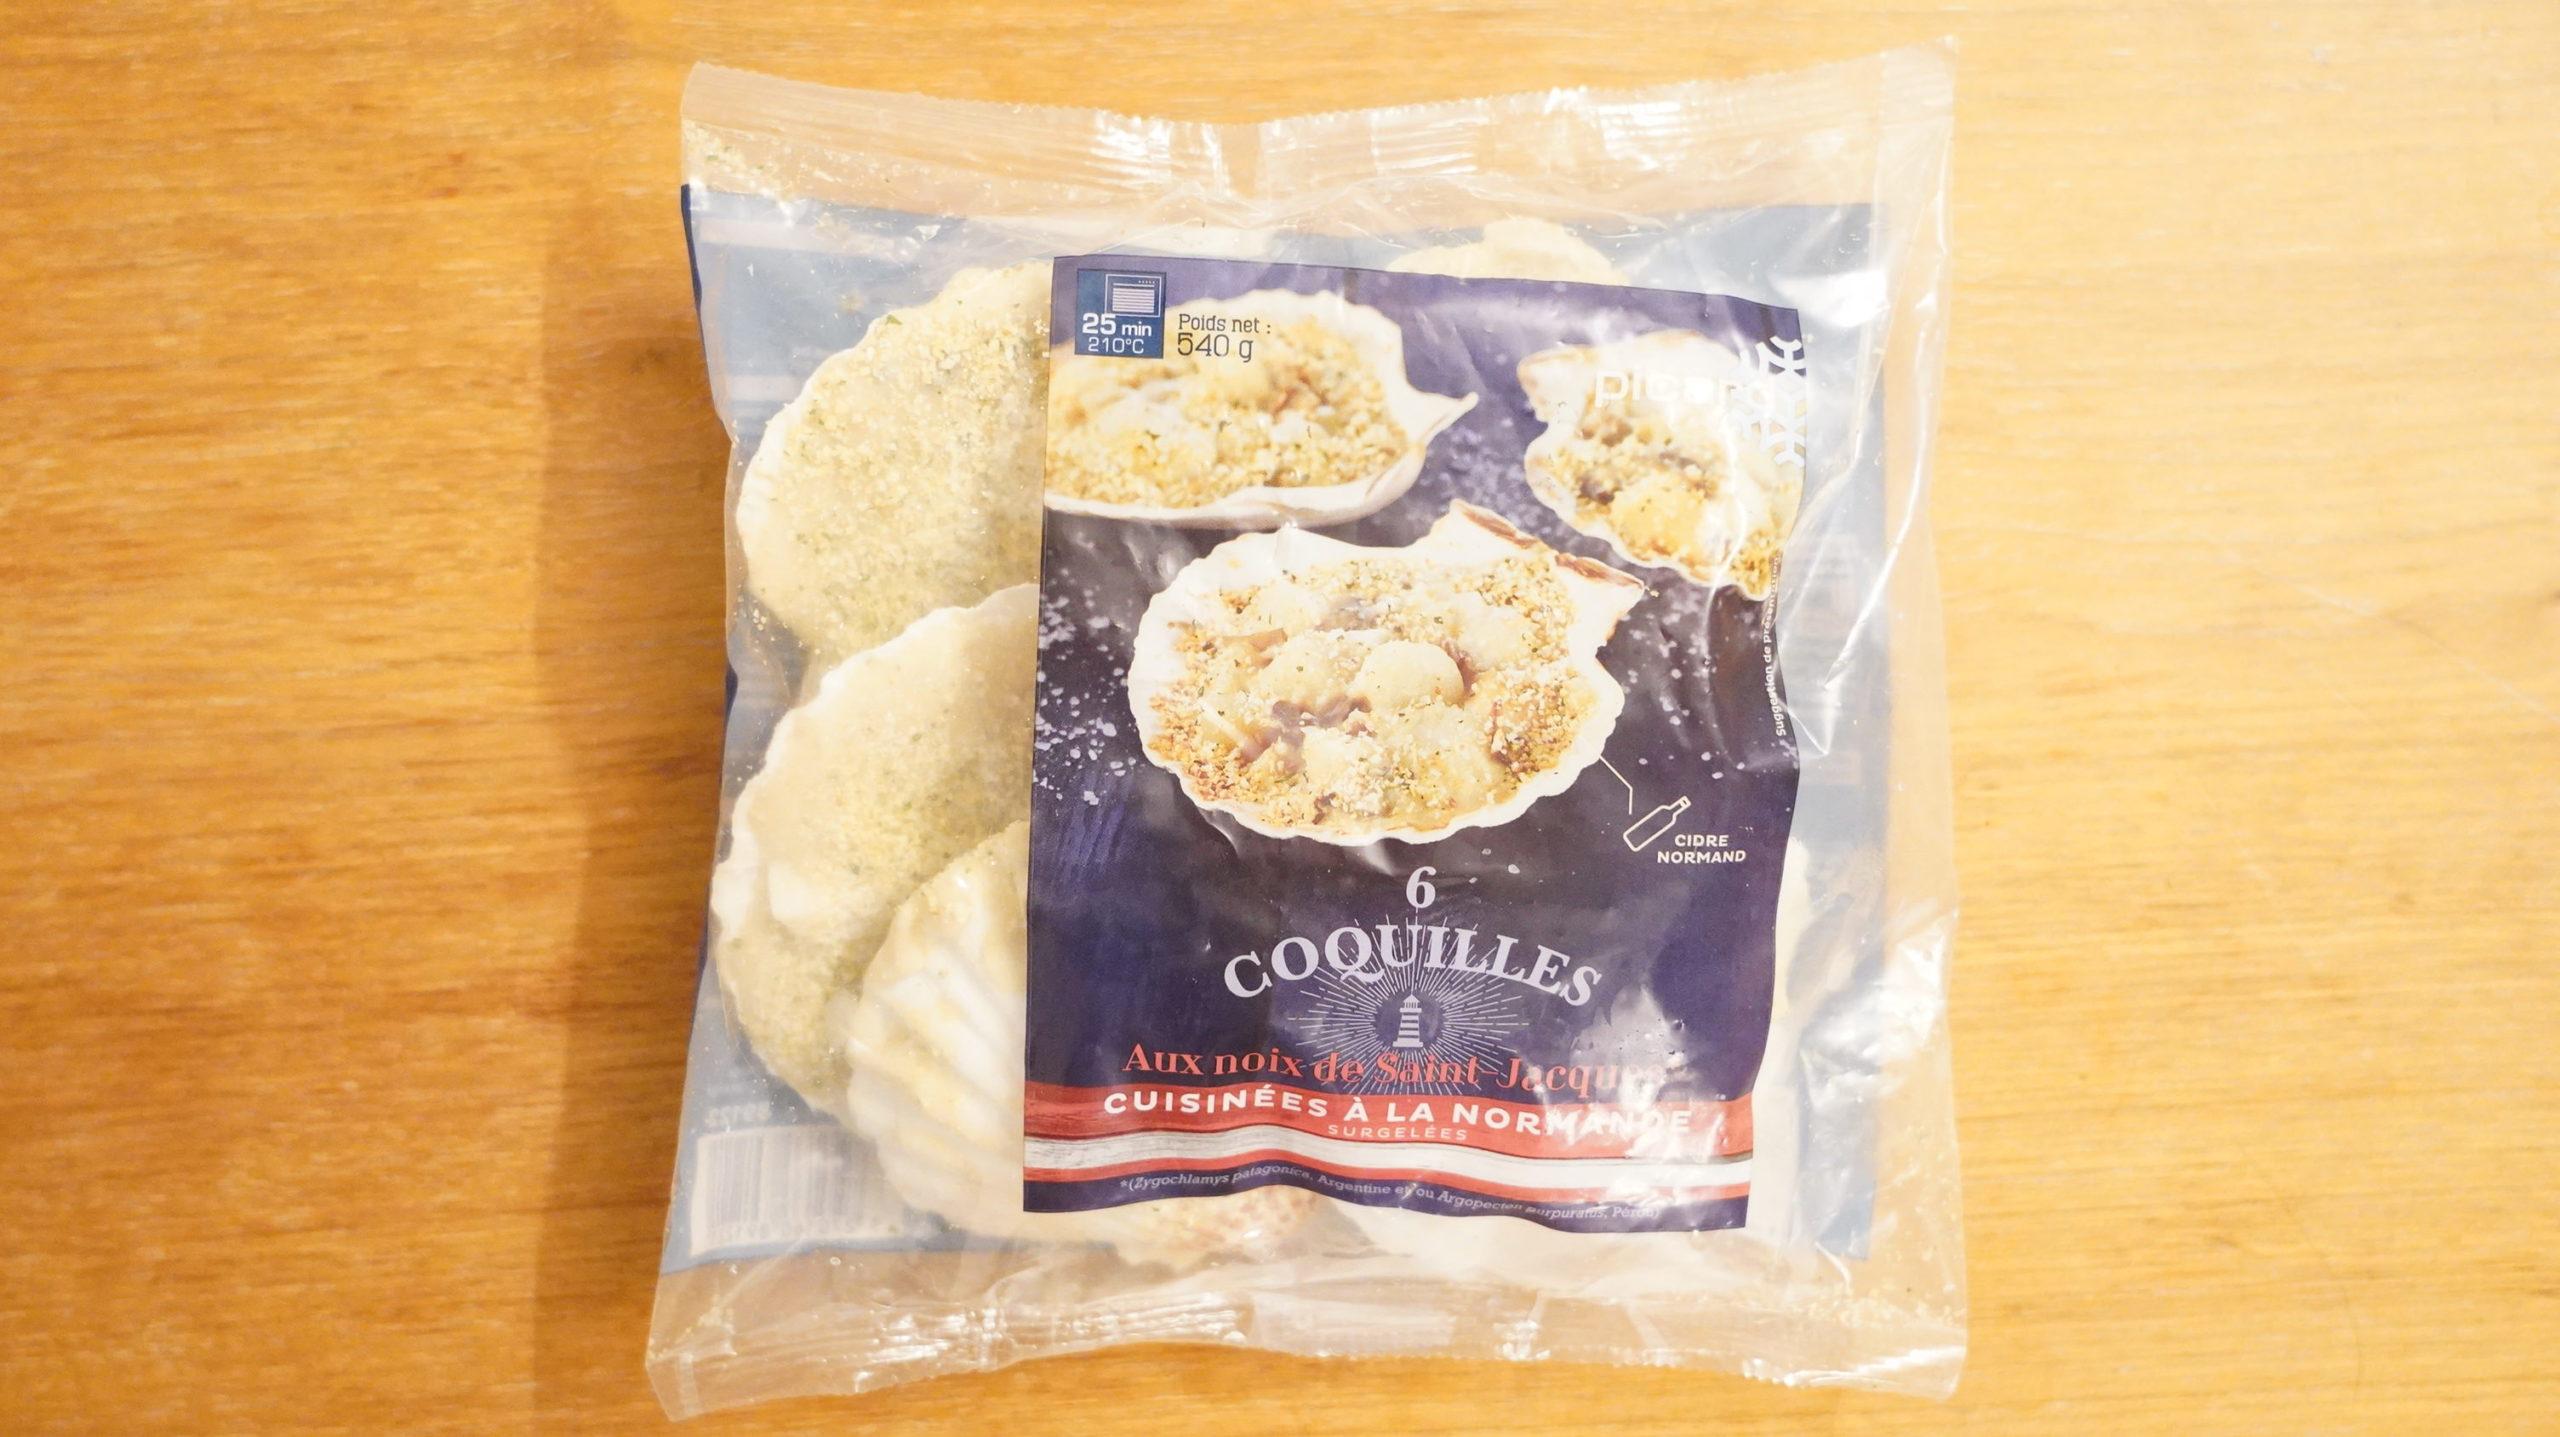 ピカールの冷凍食品「サンジャックのオーブン焼き・ノルマンディ―風」のパッケージ写真